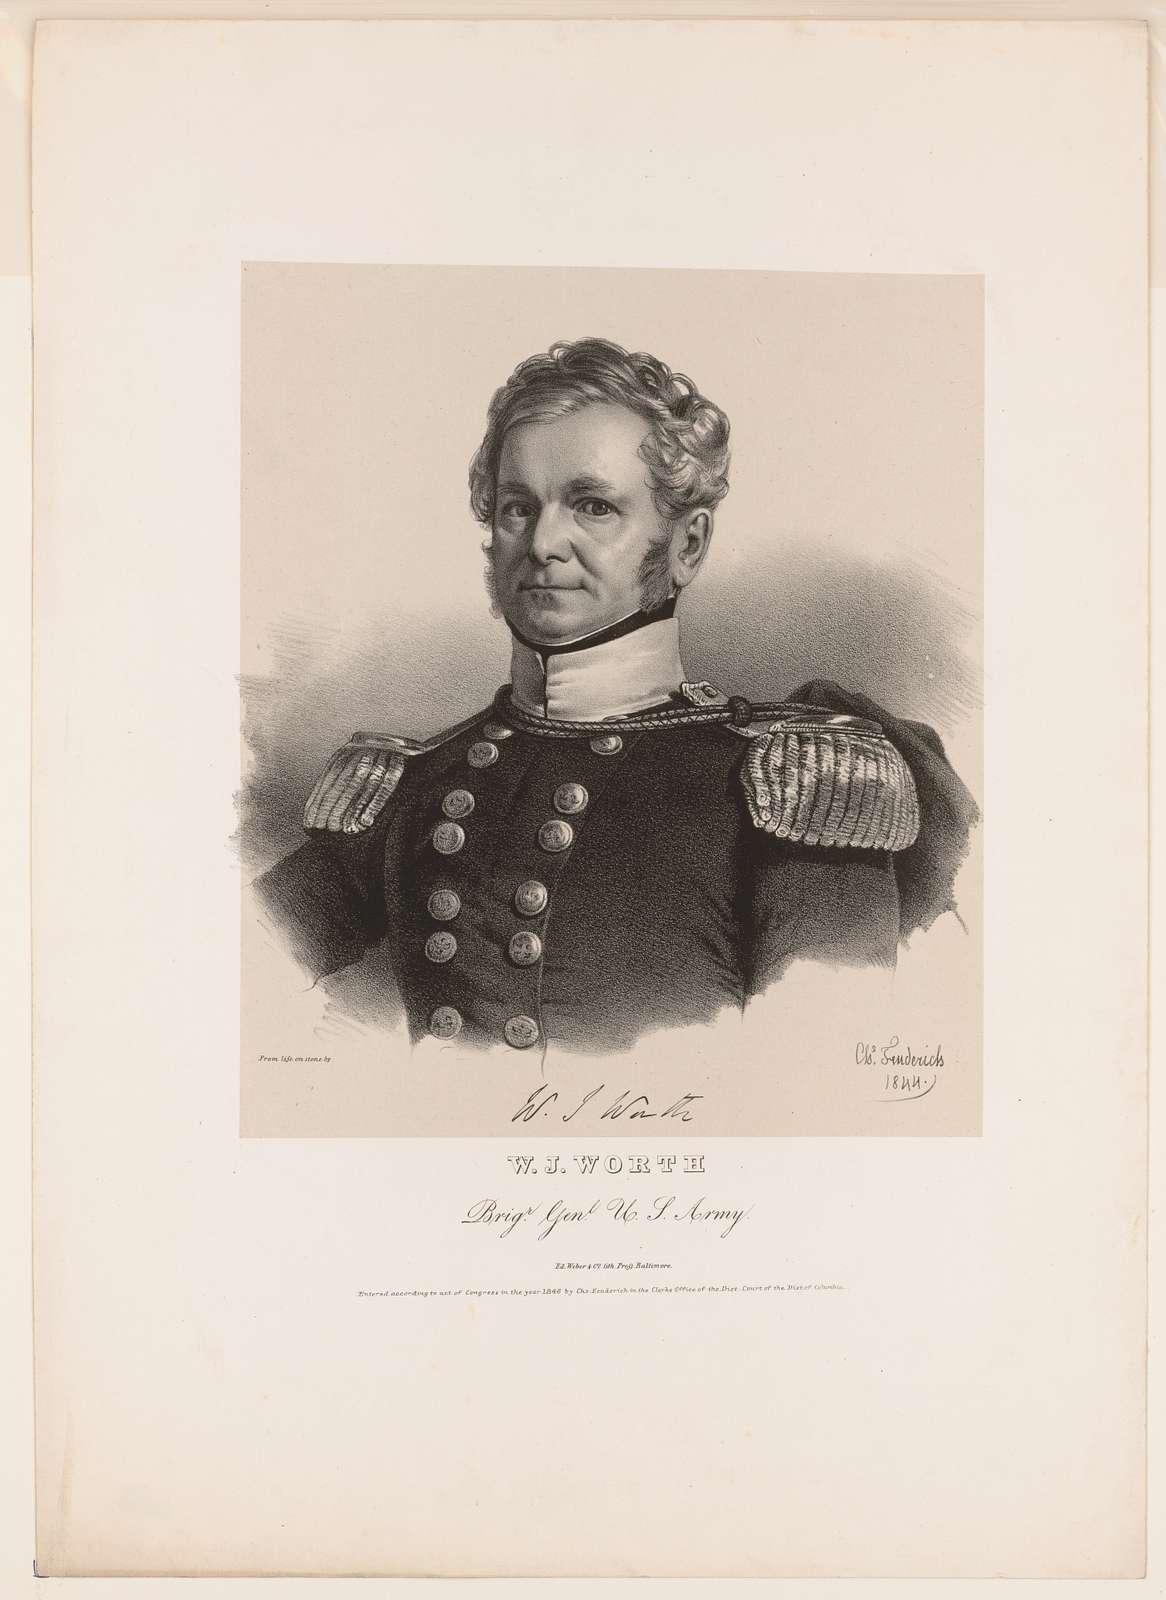 W.J. Worth, Brigr. Genl. U.S. Army